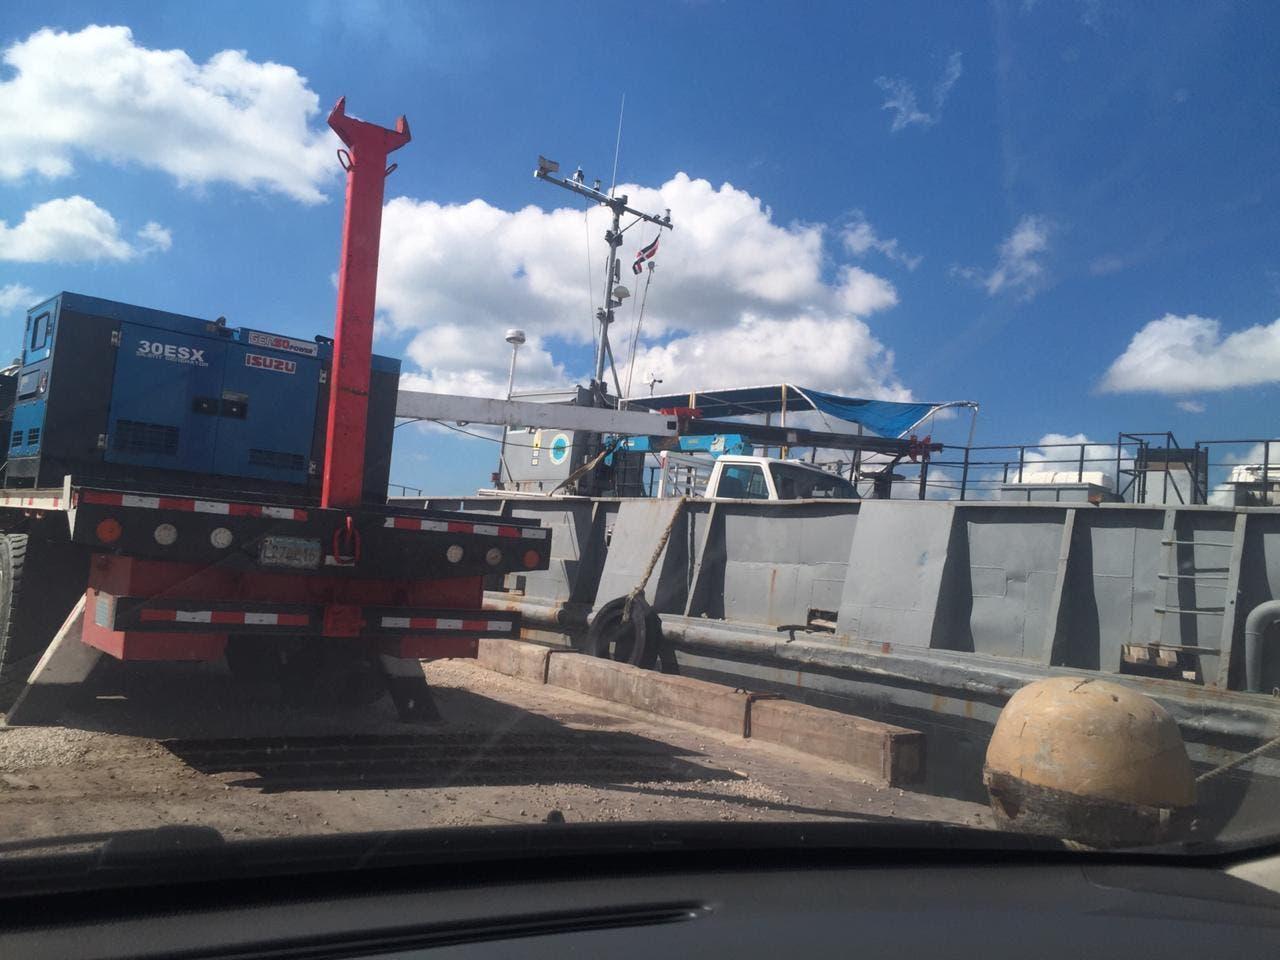 Oficial superior de la Armada muere en accidente en puerto de San Pedro de Macorís